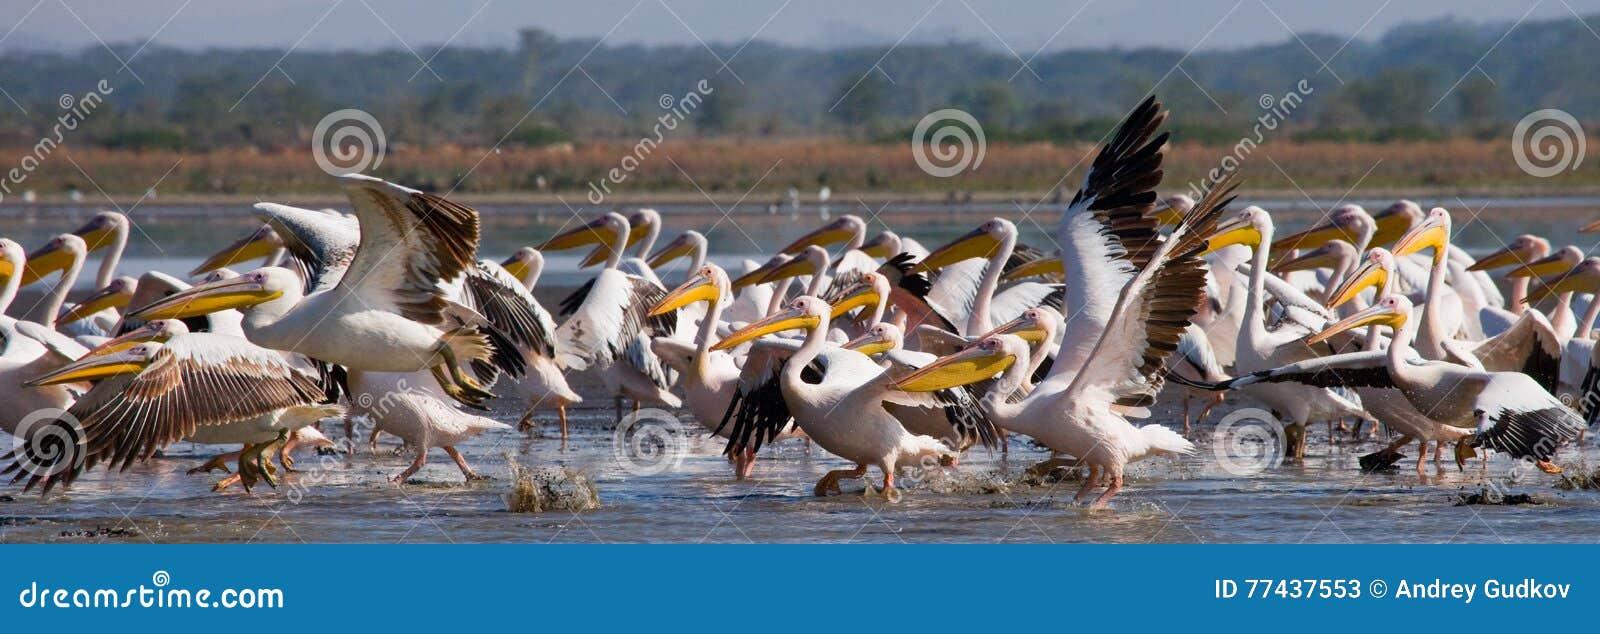 Eine Menge von den Pelikanen, die vom Wasser sich entfernen See Nakuru kenia afrika